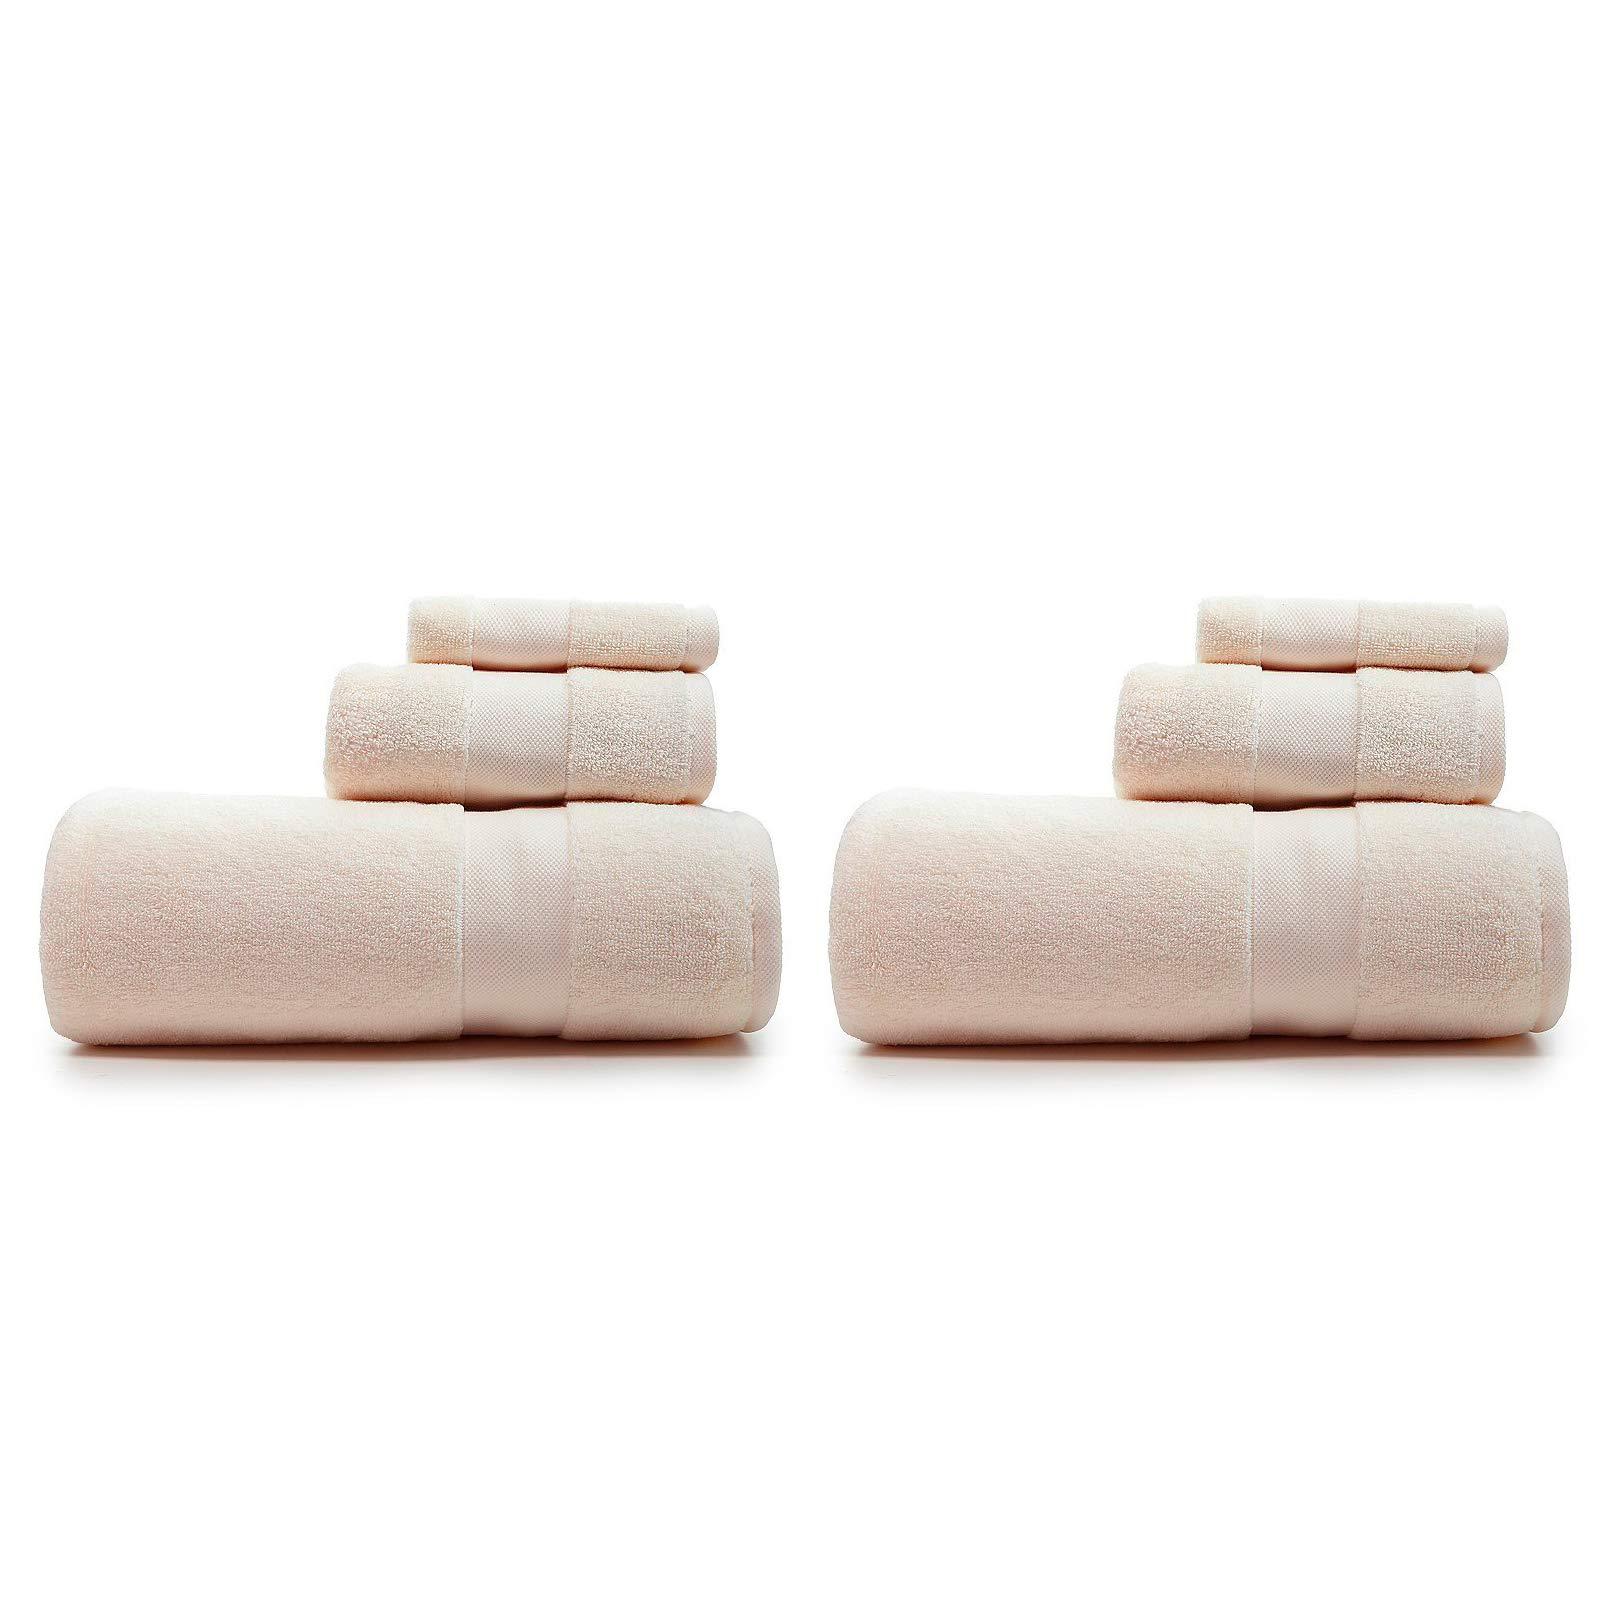 Lauren Ralph Lauren Wescott Linen Cream Towel 6 Piece Set Bundle - 2 Bath Towels, 2 Hand Towels, 2 Washcloths